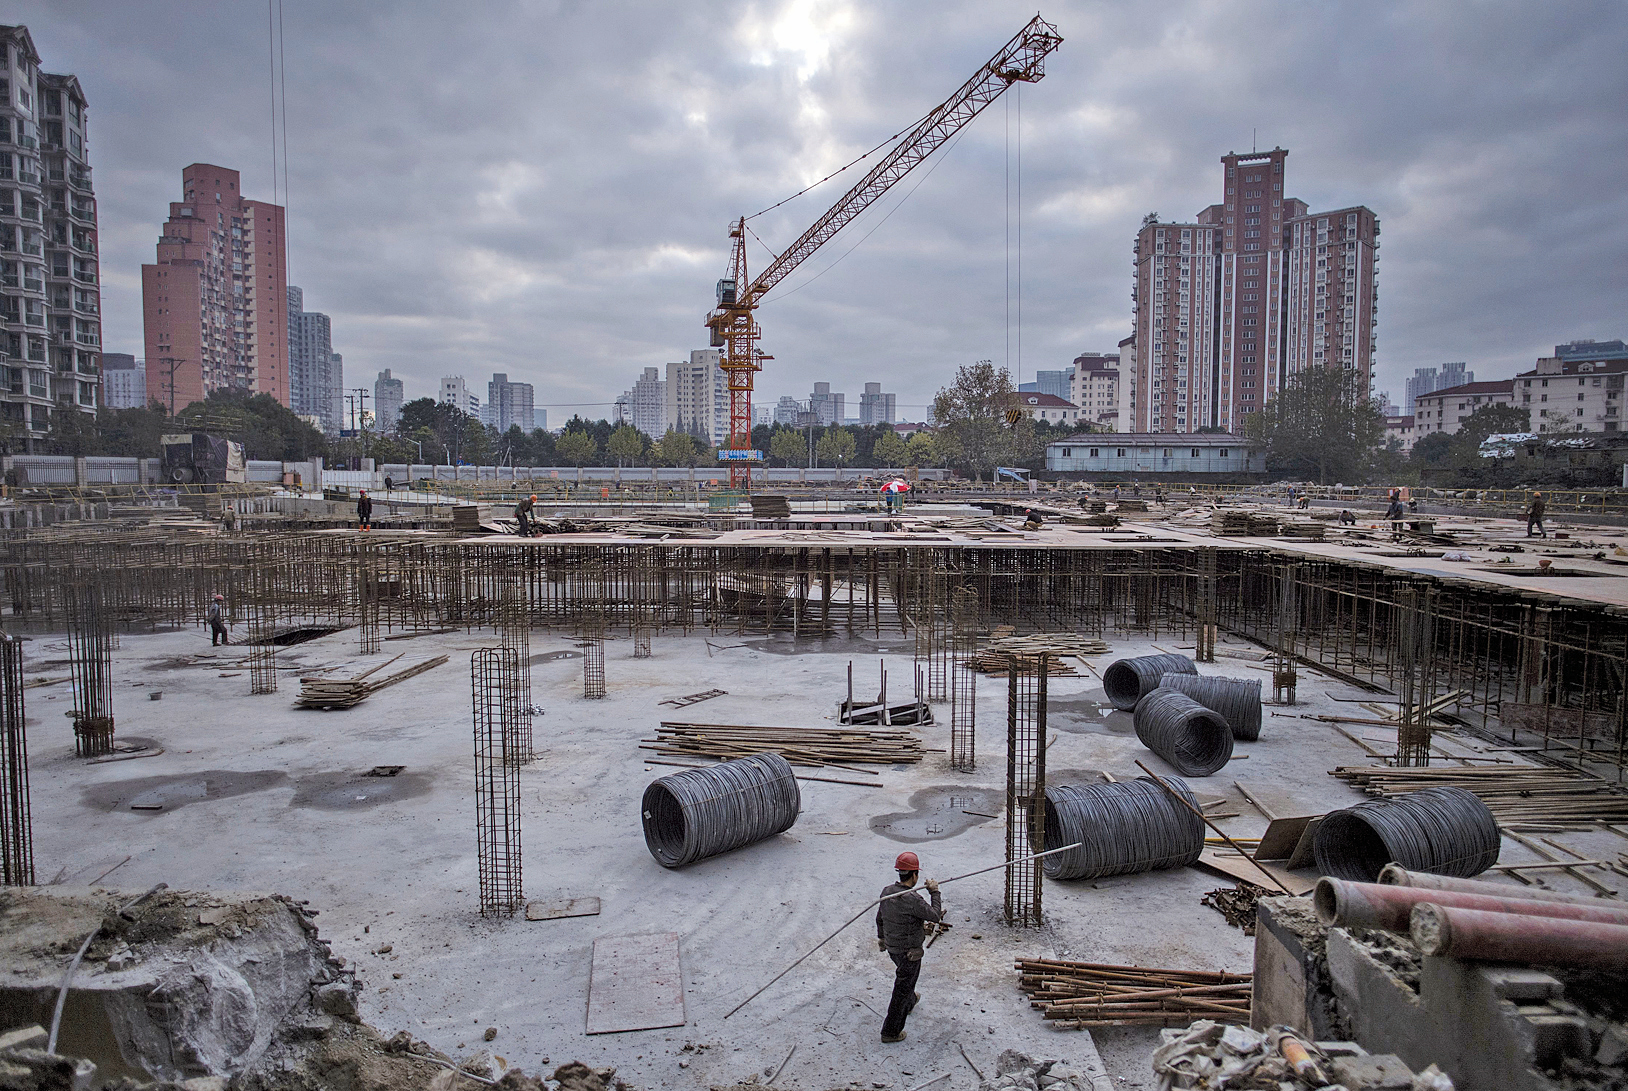 1月份以來,大陸多地依舊出現了諸多「地王」。有分析直指,大陸房地產亂象的背後推手是中共對土地的壟斷。(Getty Images)